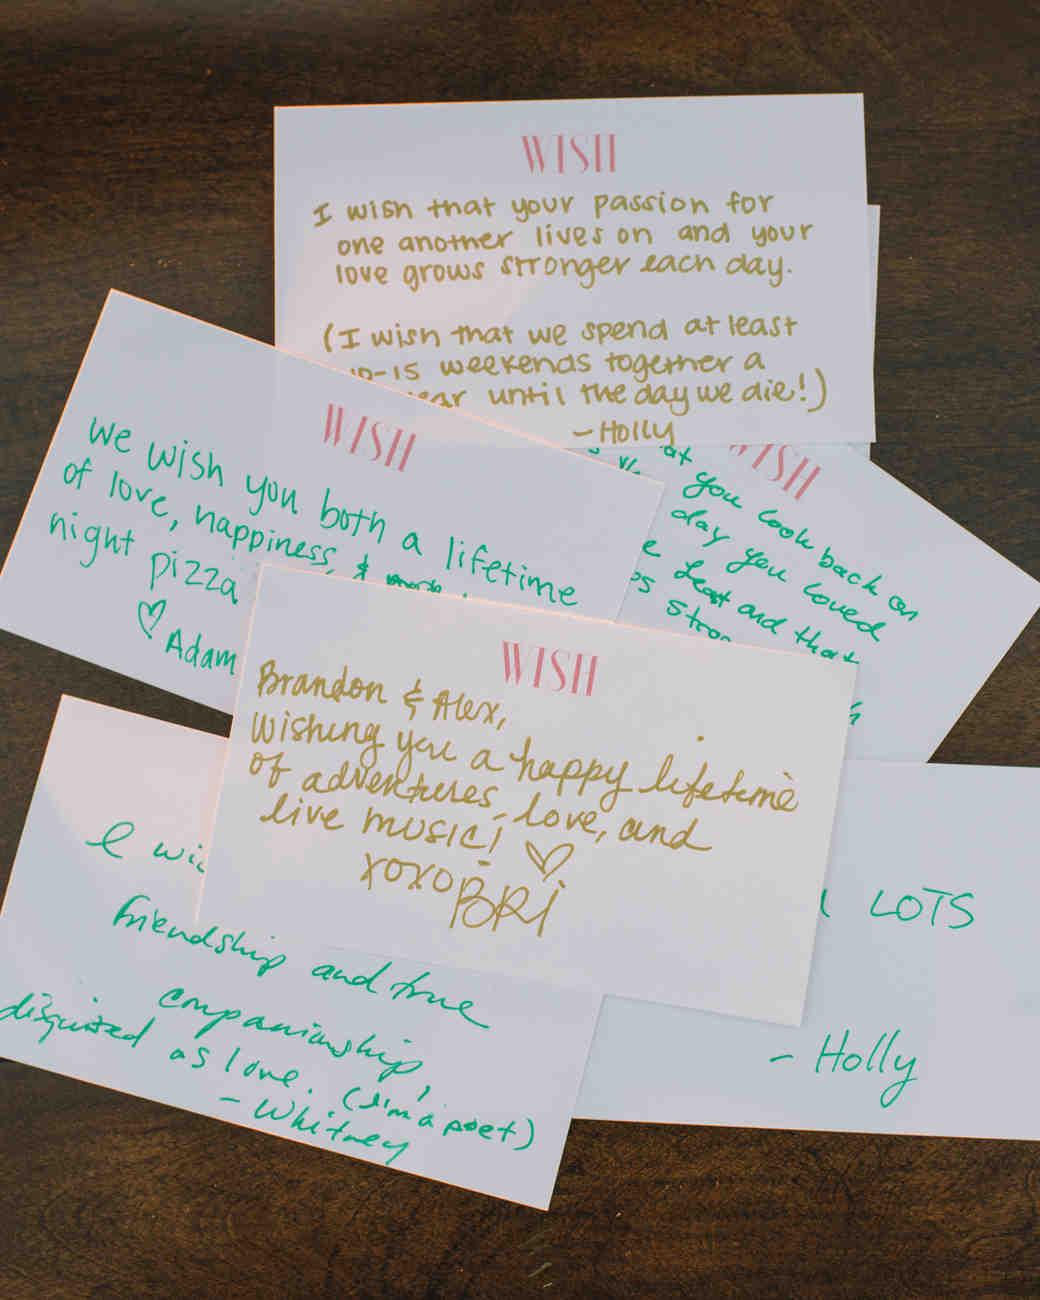 alex-brandon-wedding-wishes-101-s111338-0714.jpg